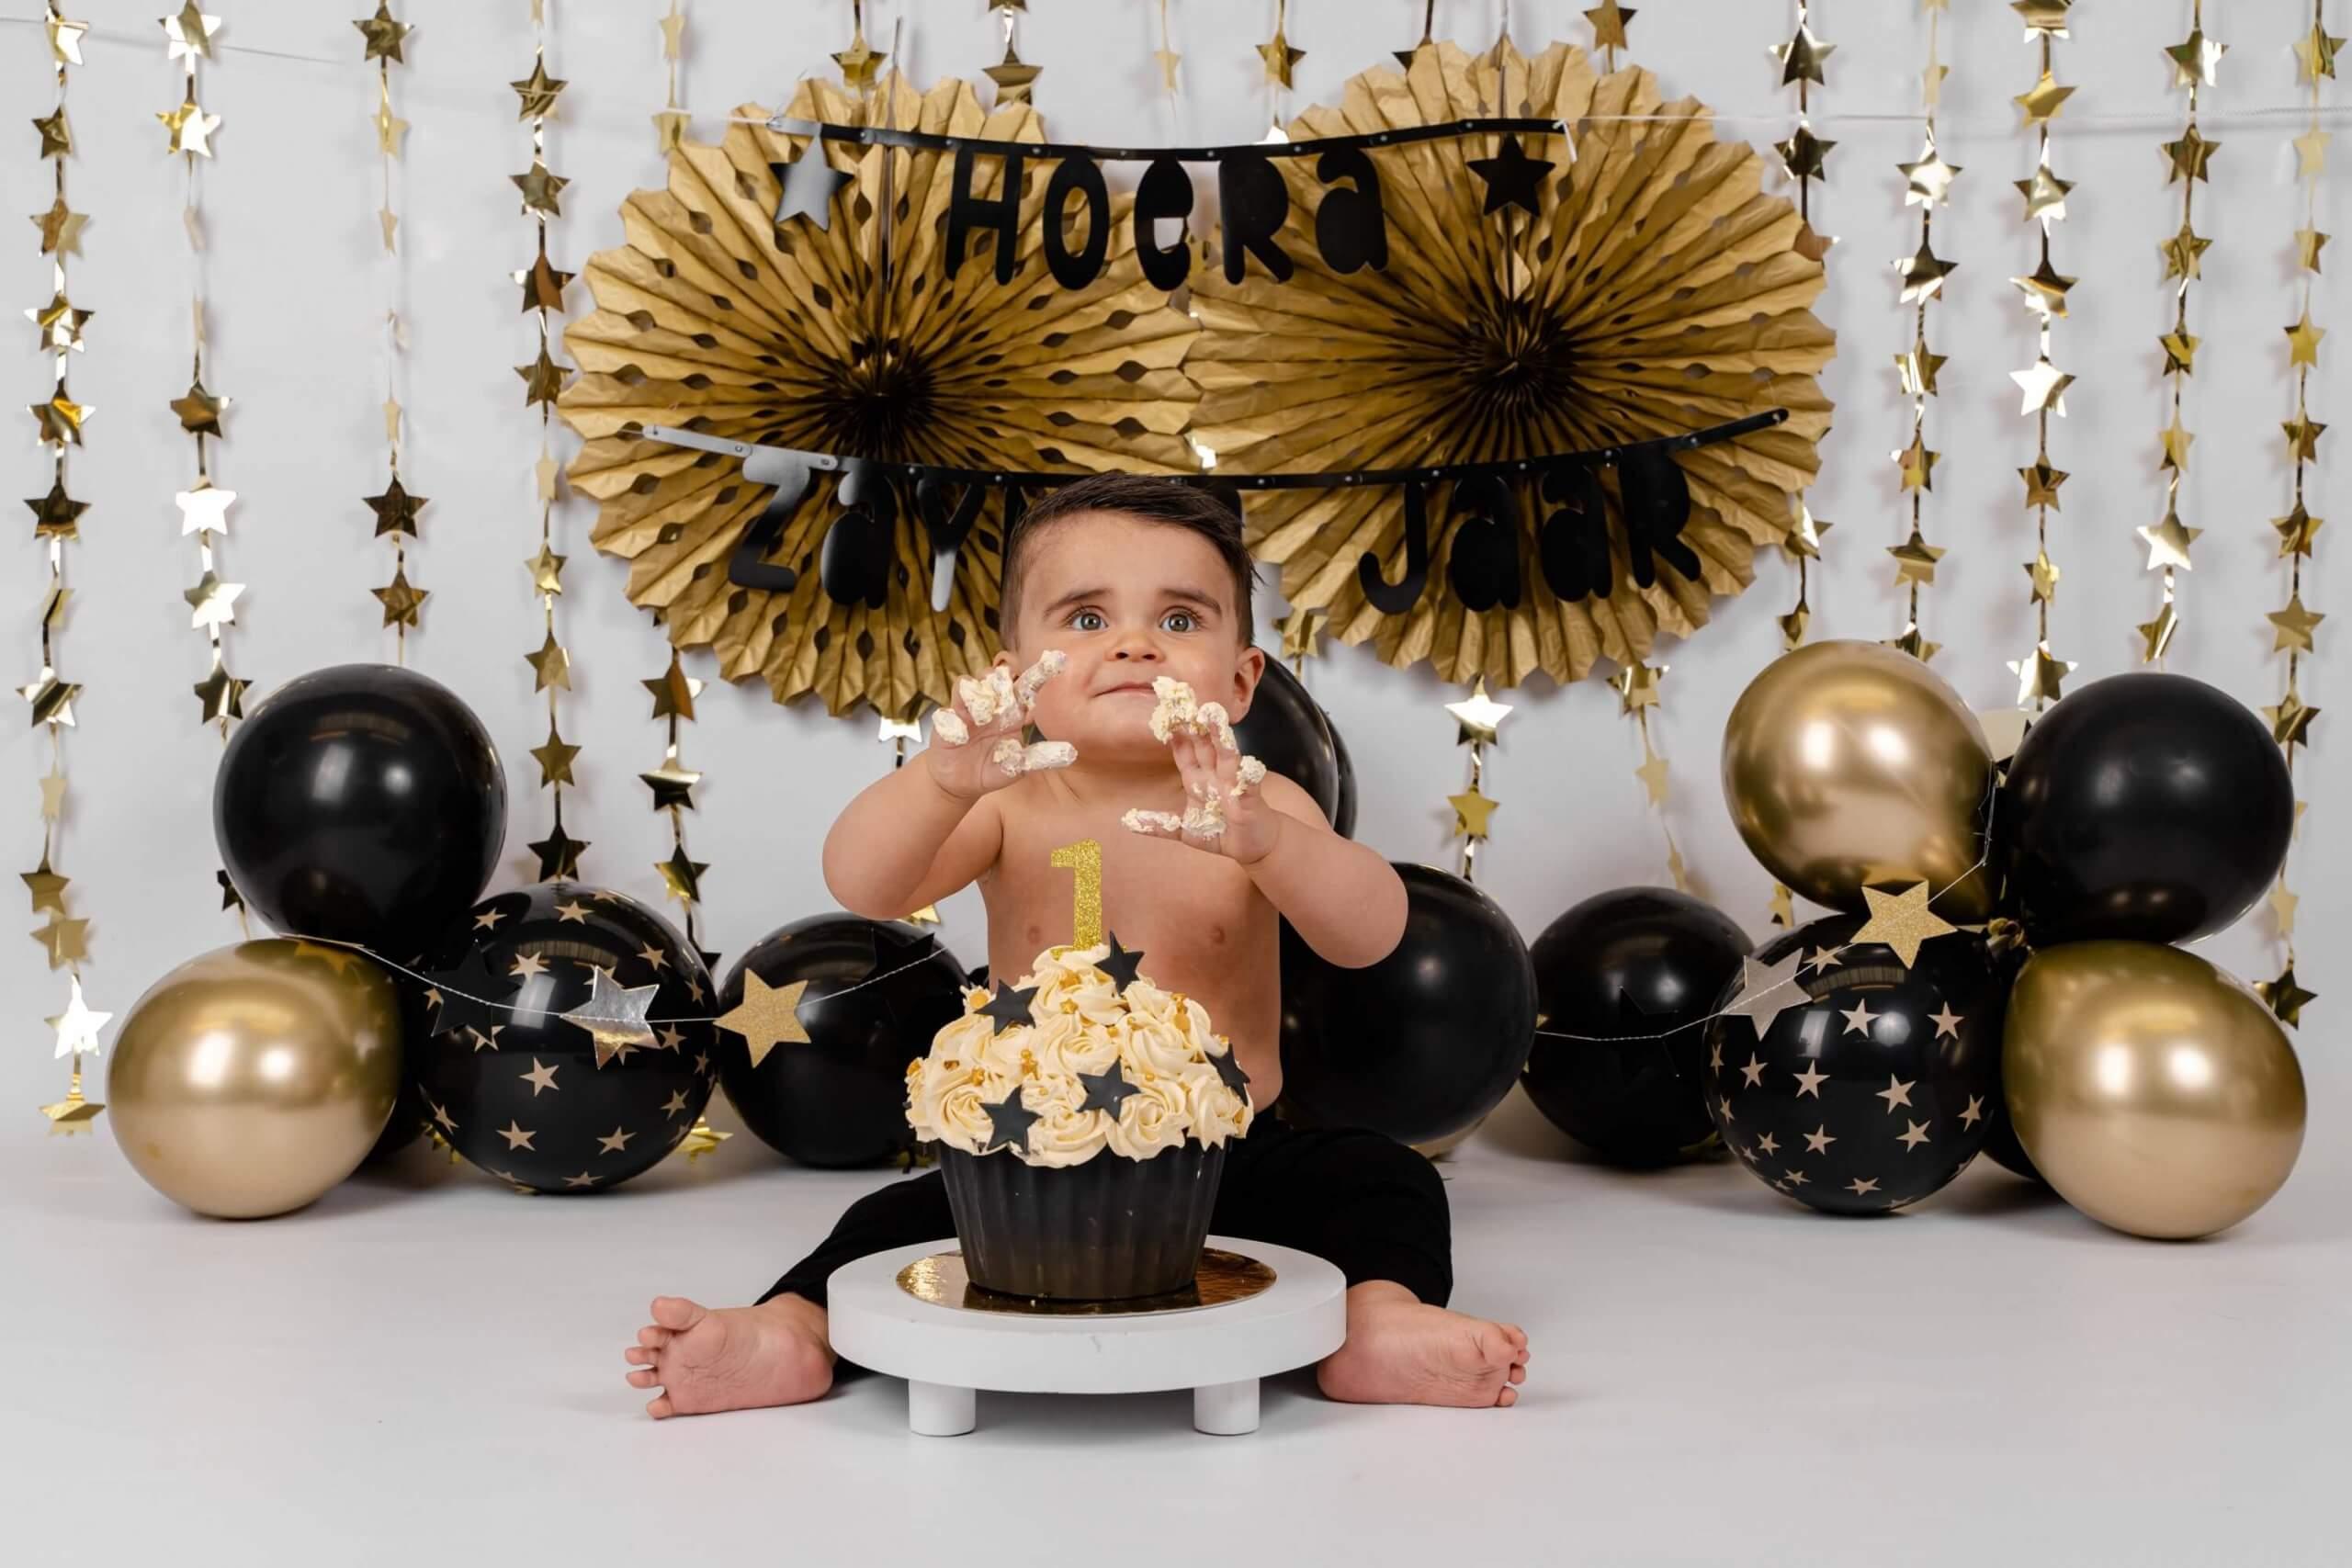 Cake smash zwart met goud feest pompon ballonnen sterren jarig one year wild